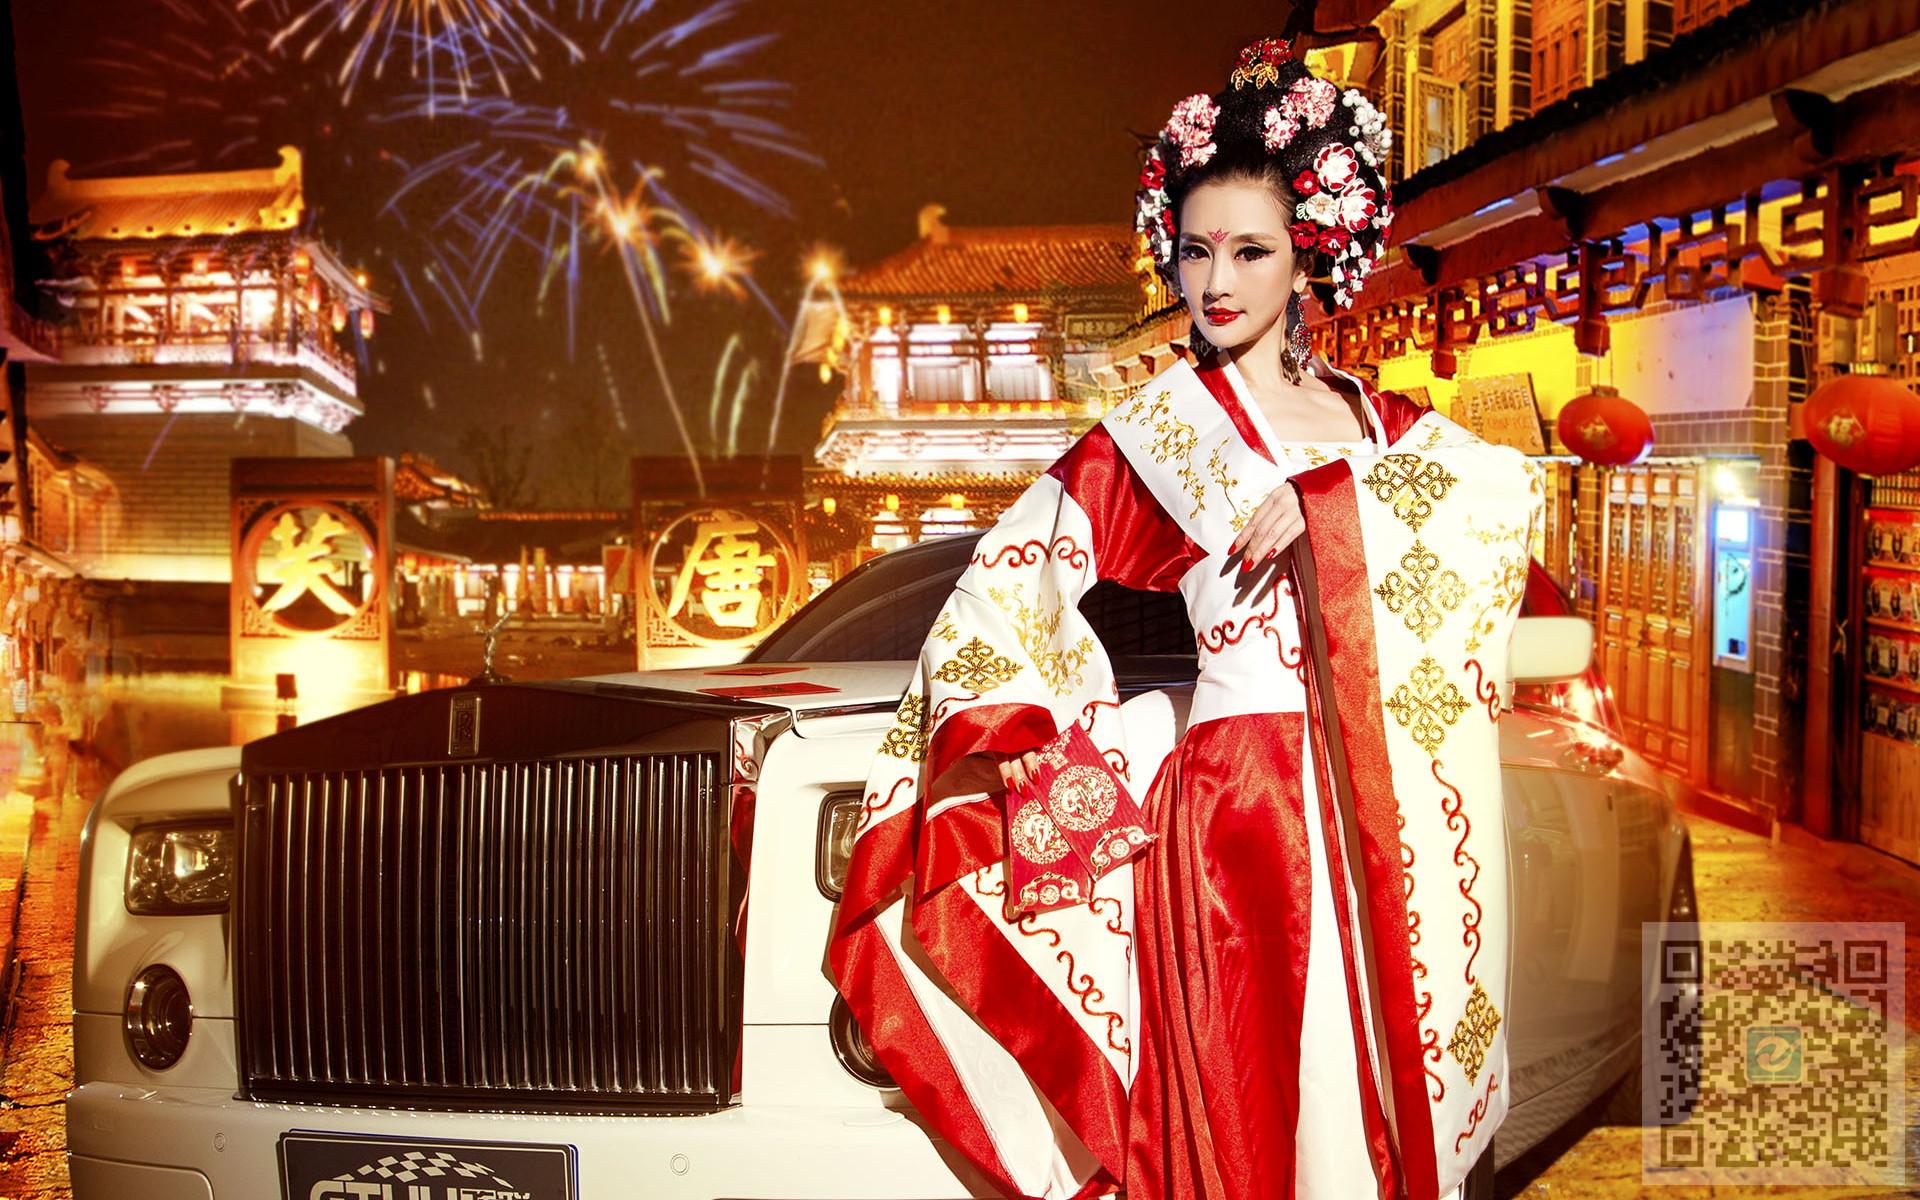 古装东方美女车模和豪车 古与今的华丽视觉冲击